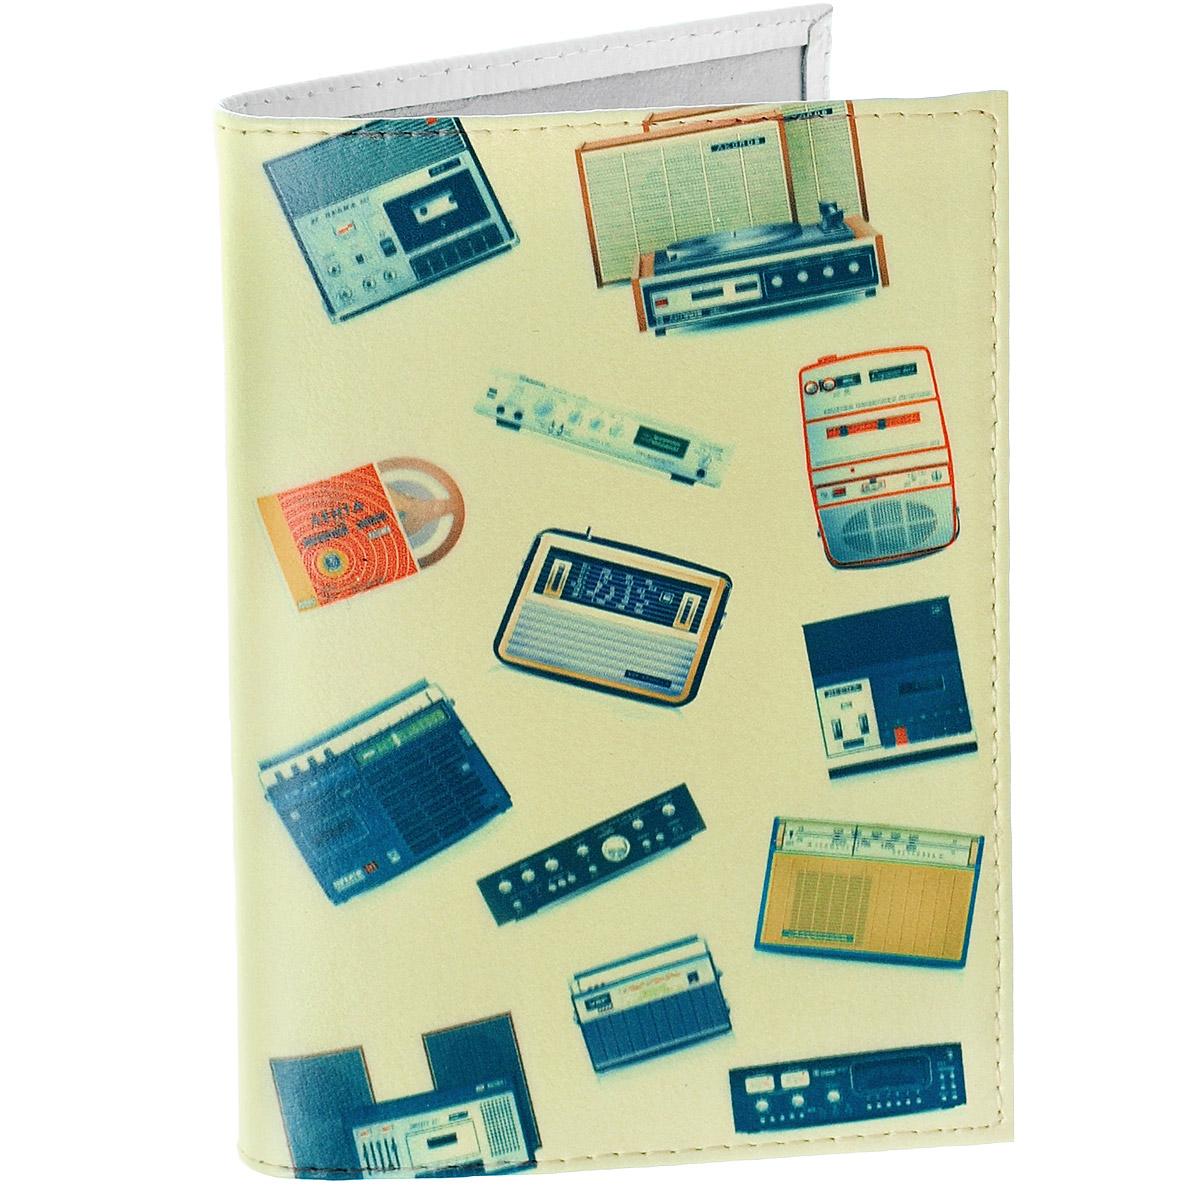 Обложка для паспорта Радиоприемники. OK280PS-PT-35Обложка для паспорта Mitya Veselkov Радиоприемники выполнена из натуральной кожи и оформлена изображениями звуковой аппаратуры. Такая обложка не только поможет сохранить внешний вид ваших документов и защитит их от повреждений, но и станет стильным аксессуаром, идеально подходящим вашему образу.Яркая и оригинальная обложка подчеркнет вашу индивидуальность и изысканный вкус. Обложка для паспорта стильного дизайна может быть достойным и оригинальным подарком.